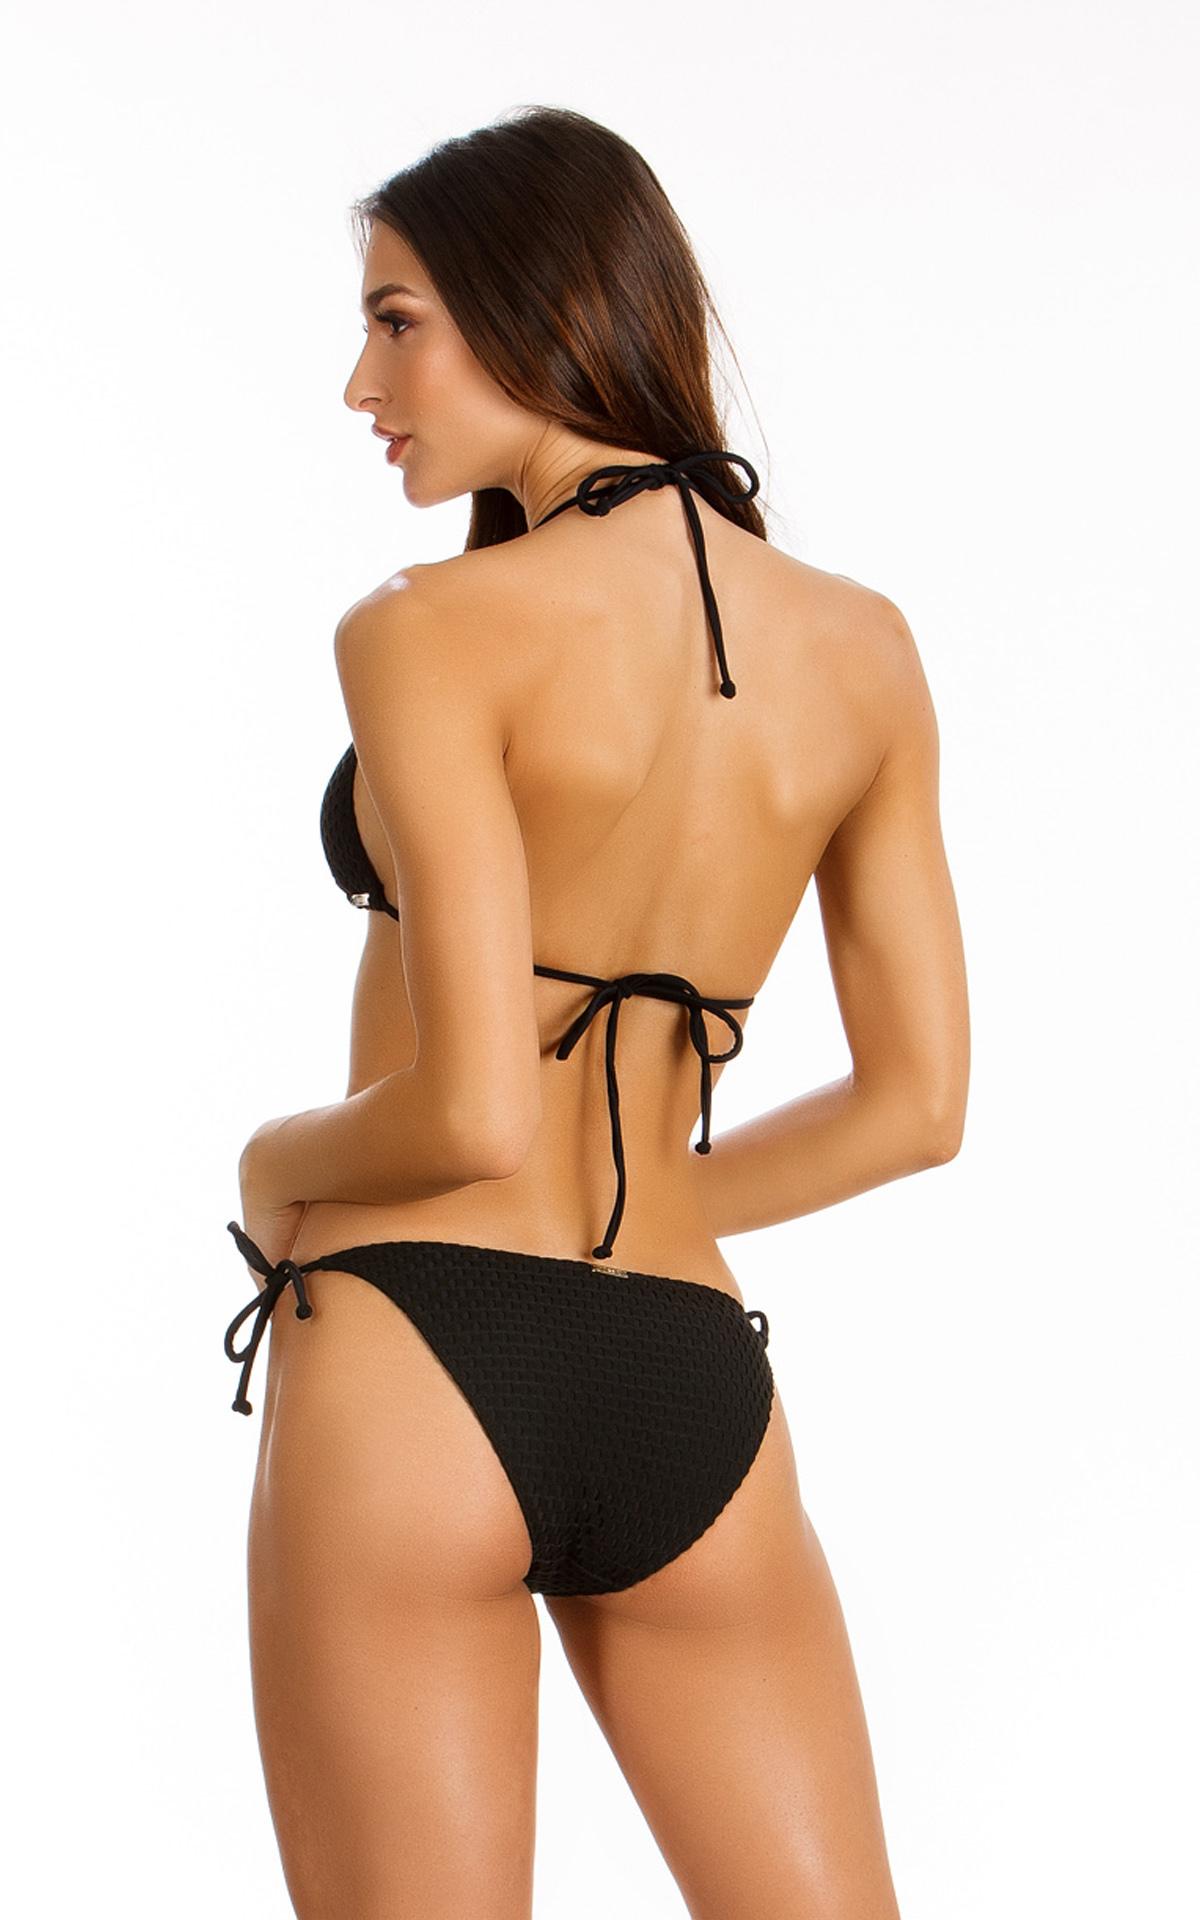 f6efb21b3a3 Μαγιώ Γυναικεία Μπικίνι Maui Tanga Bikini Σλιπ με κορδόνια στο πλάι